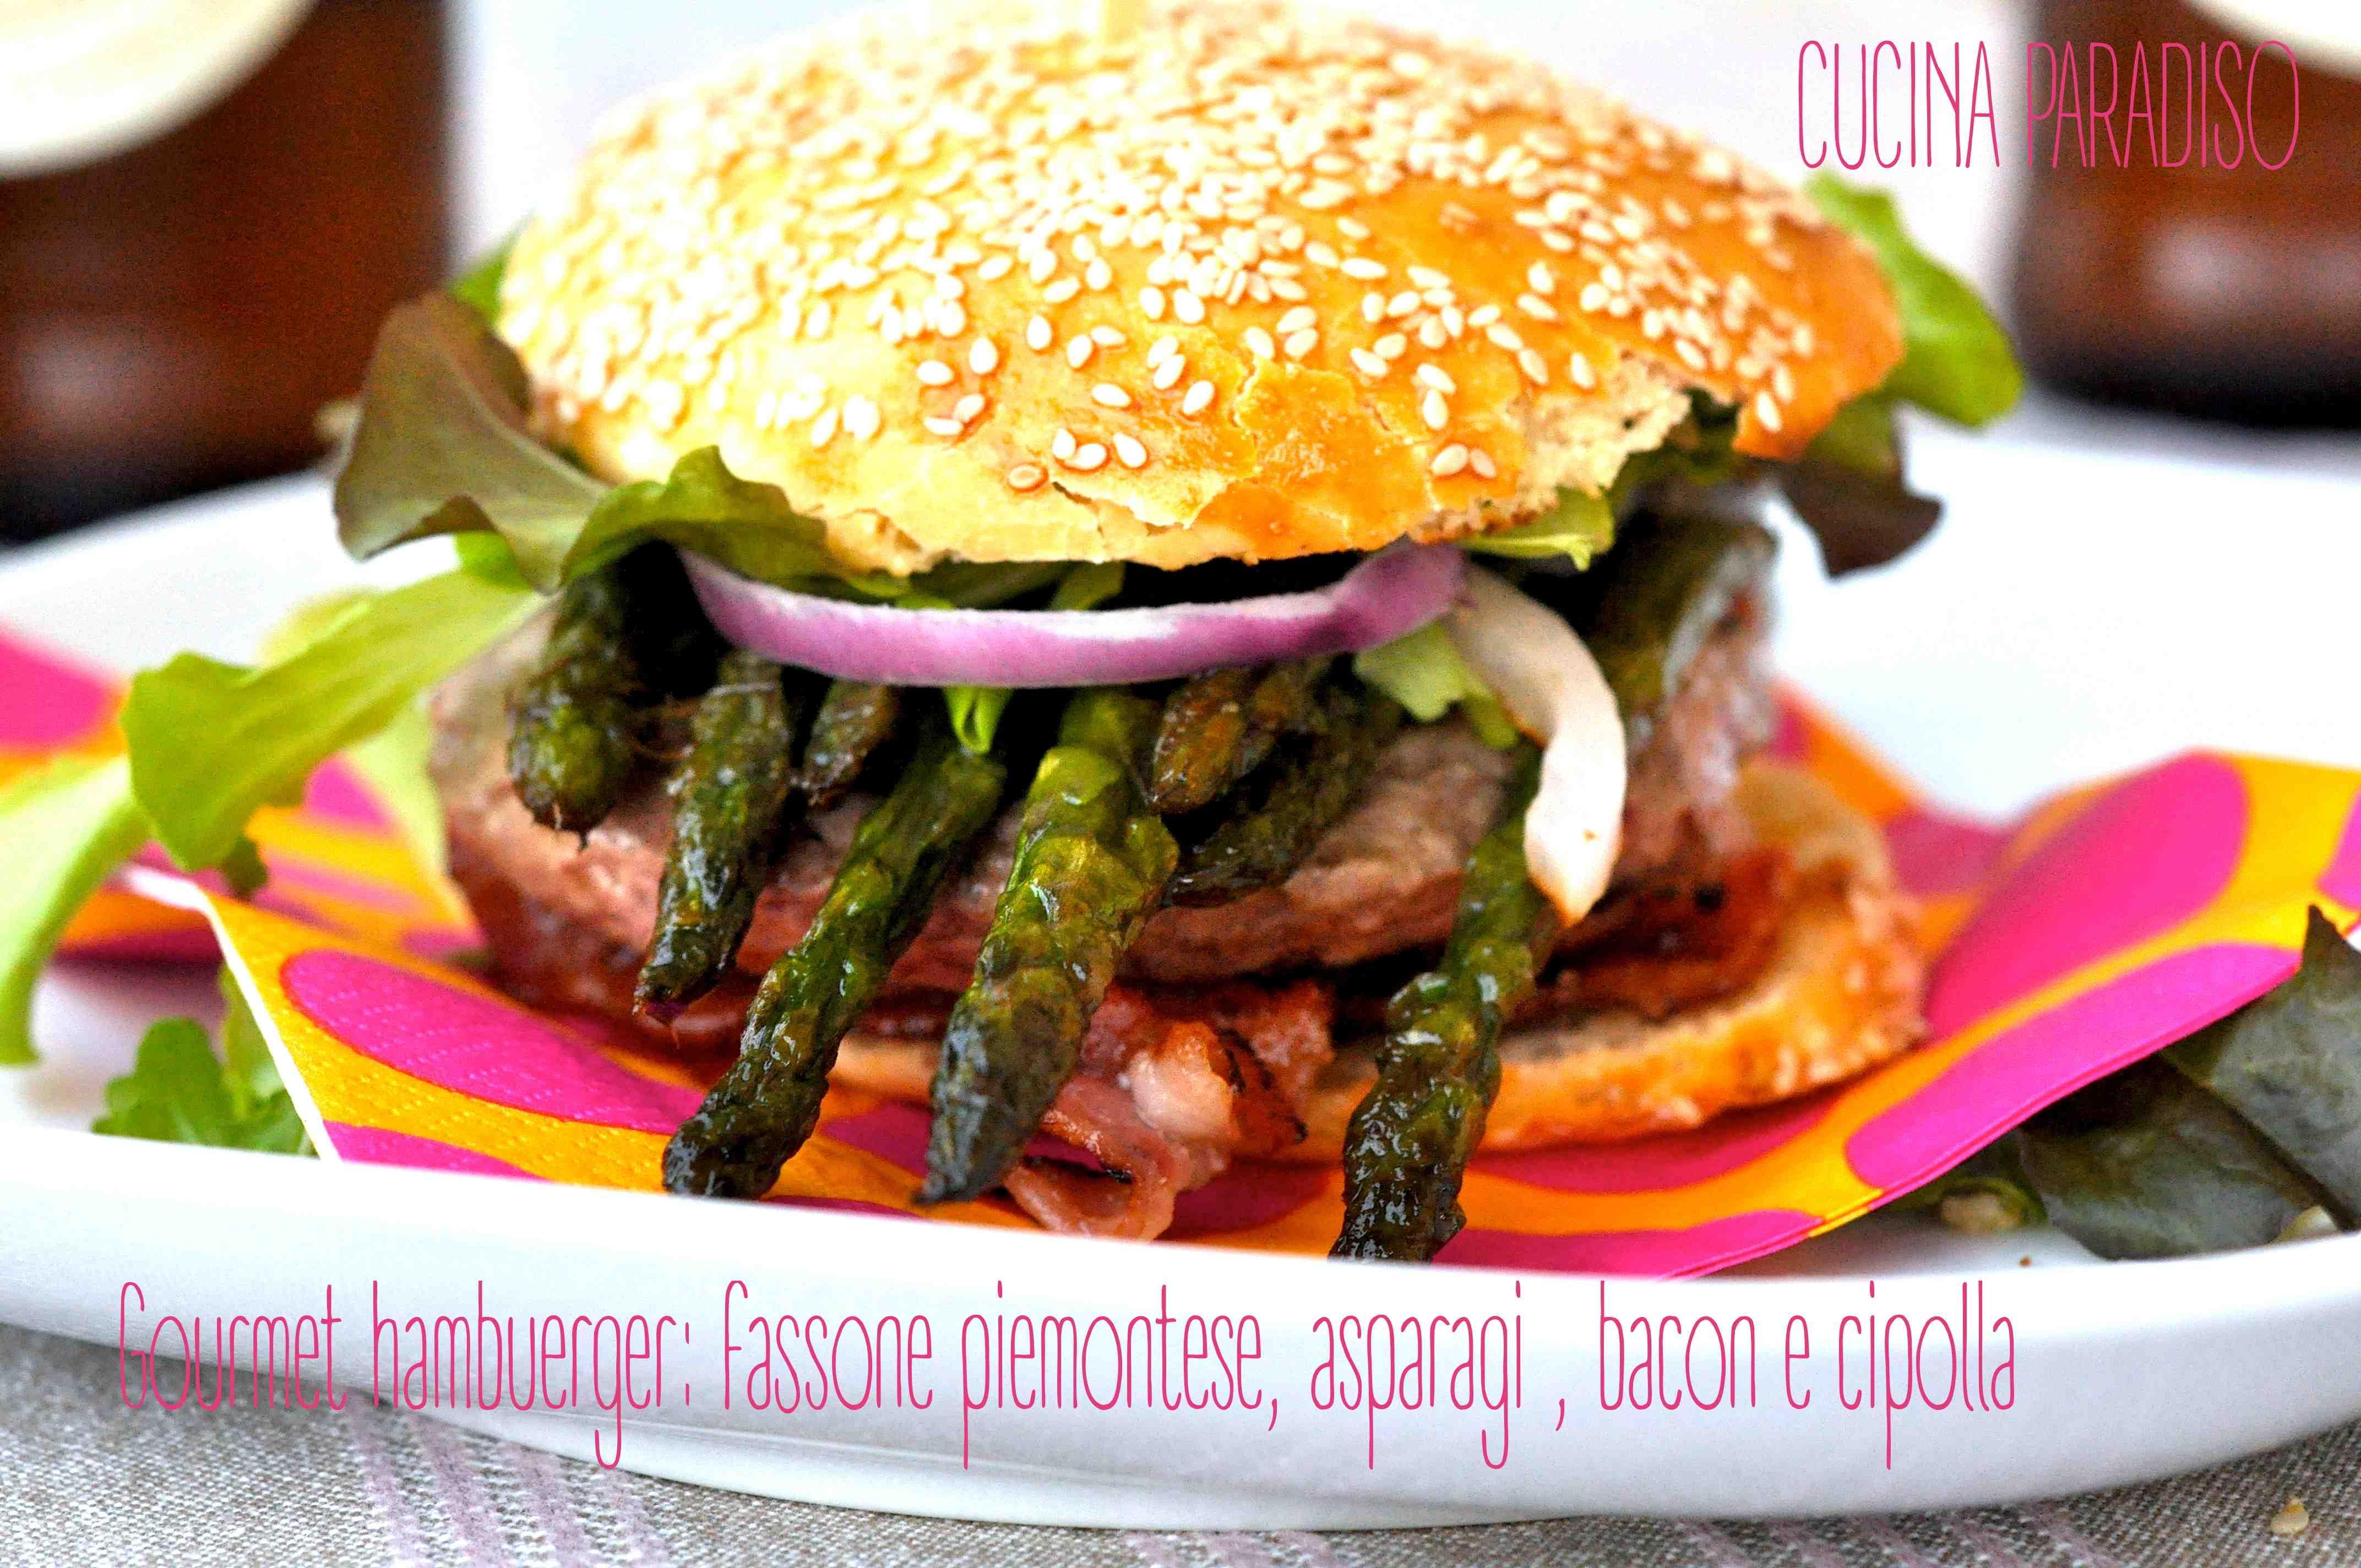 Gourmet hambuerger: fassone piemontese, asparagi , bacon e cipolla